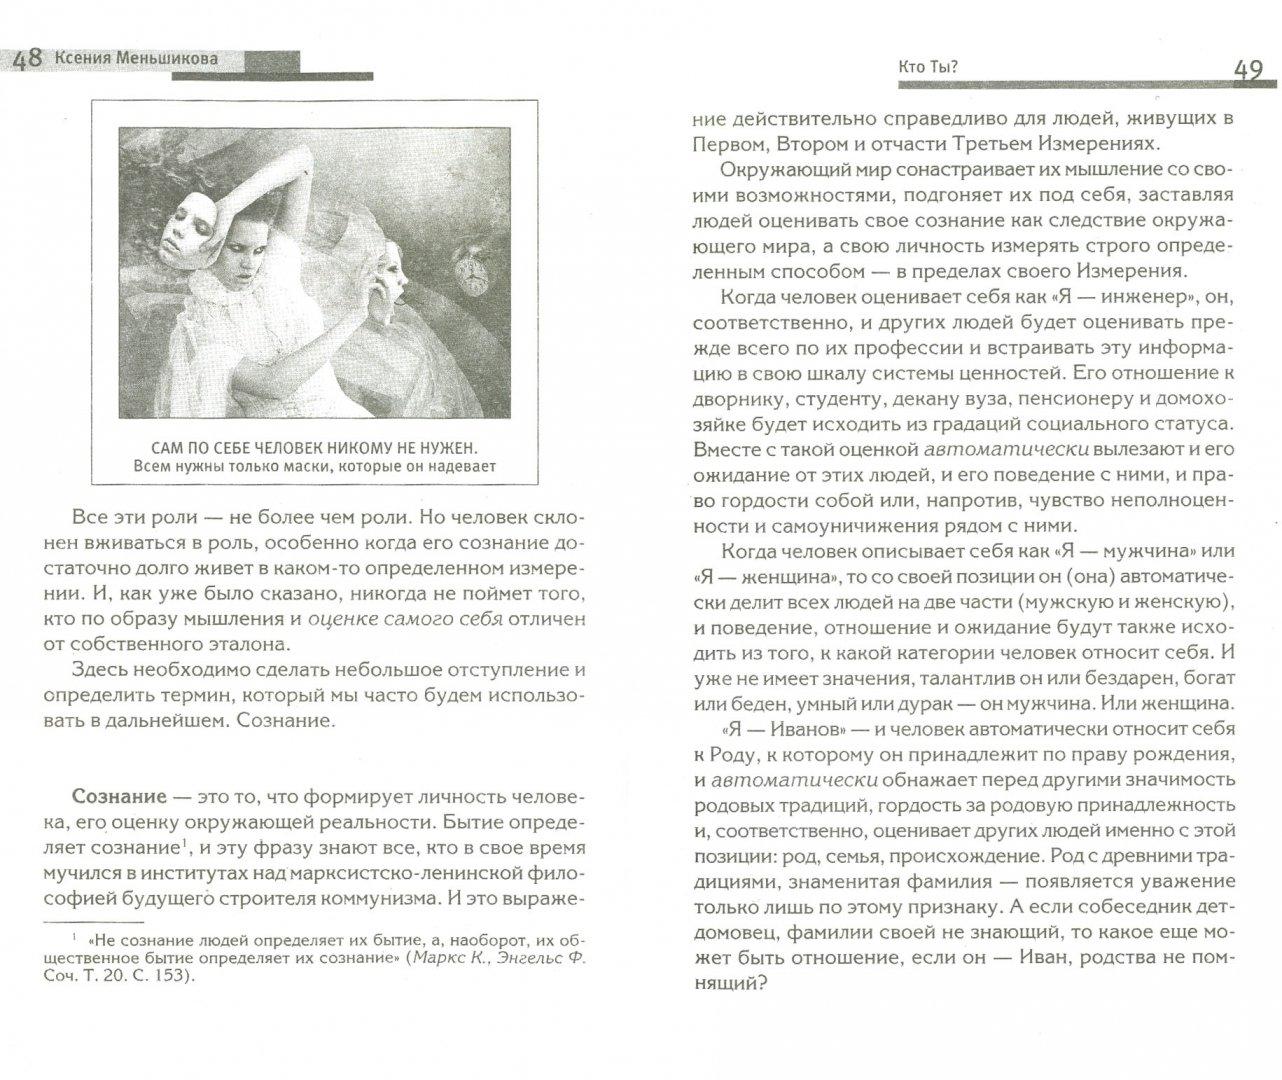 Иллюстрация 1 из 23 для Хитросплетения судьбы, или В каком измерении ты живешь? Методы преобразования сознания - Ксения Меньшикова   Лабиринт - книги. Источник: Лабиринт